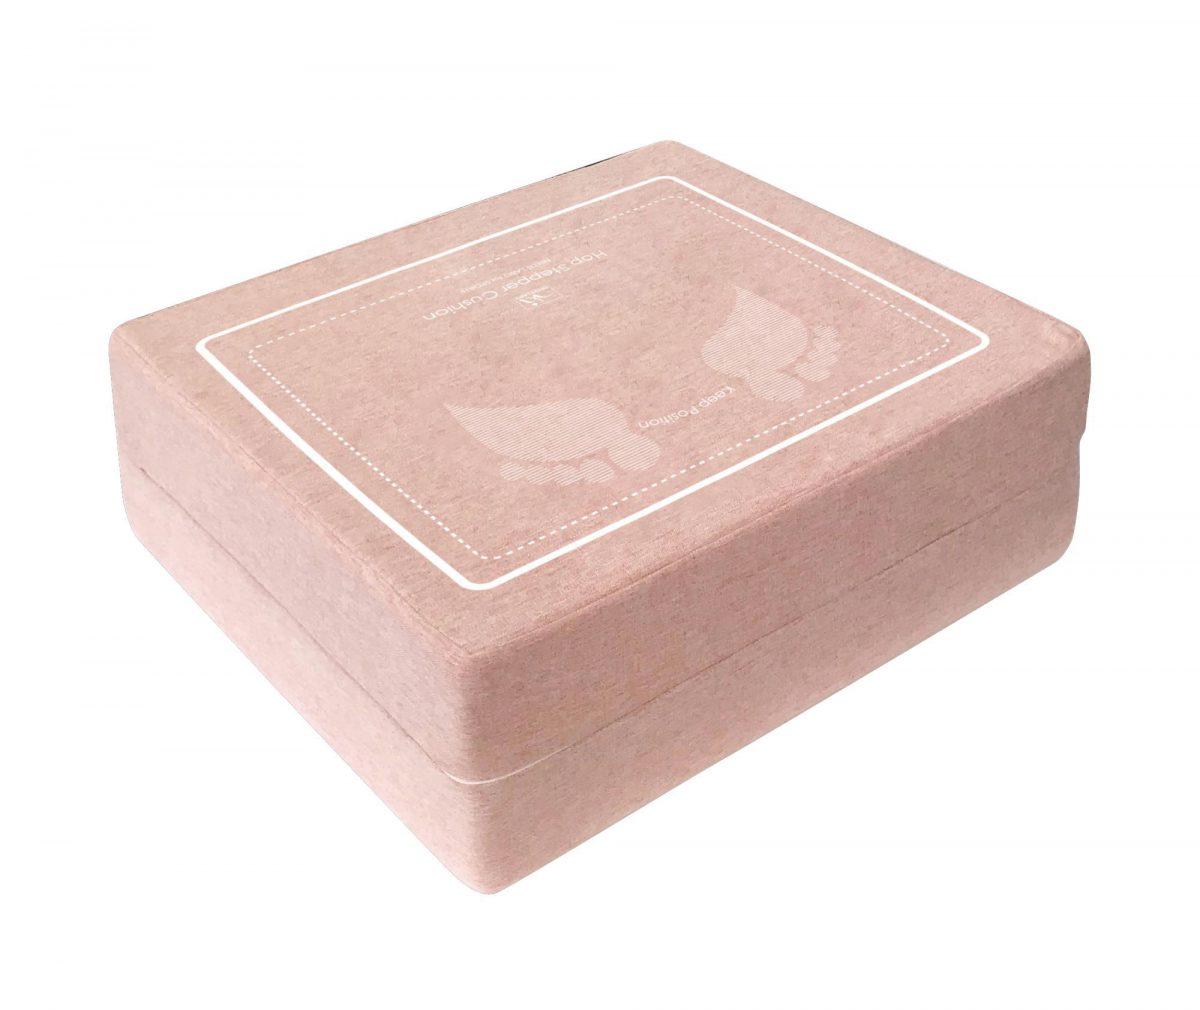 体感ぴょんぴょん ホップステッパー1個(ピンク)